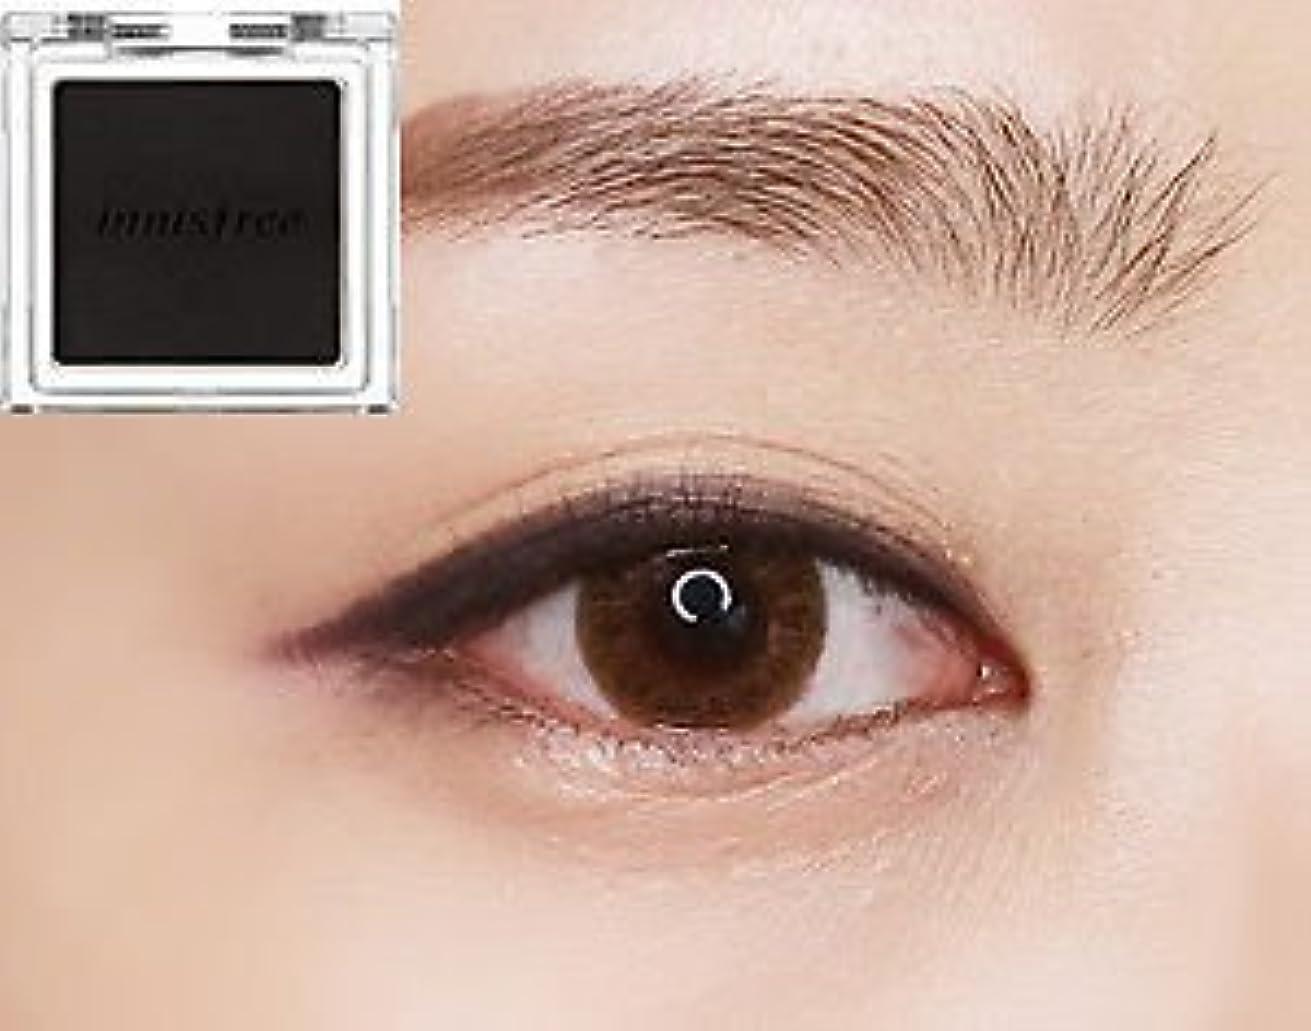 アプライアンスこねる旅客[イニスフリー] innisfree [マイ パレット マイ アイシャドウ (マット) 40カラー] MY PALETTE My Eyeshadow (Matte) 40 Shades [海外直送品] (マット #40)